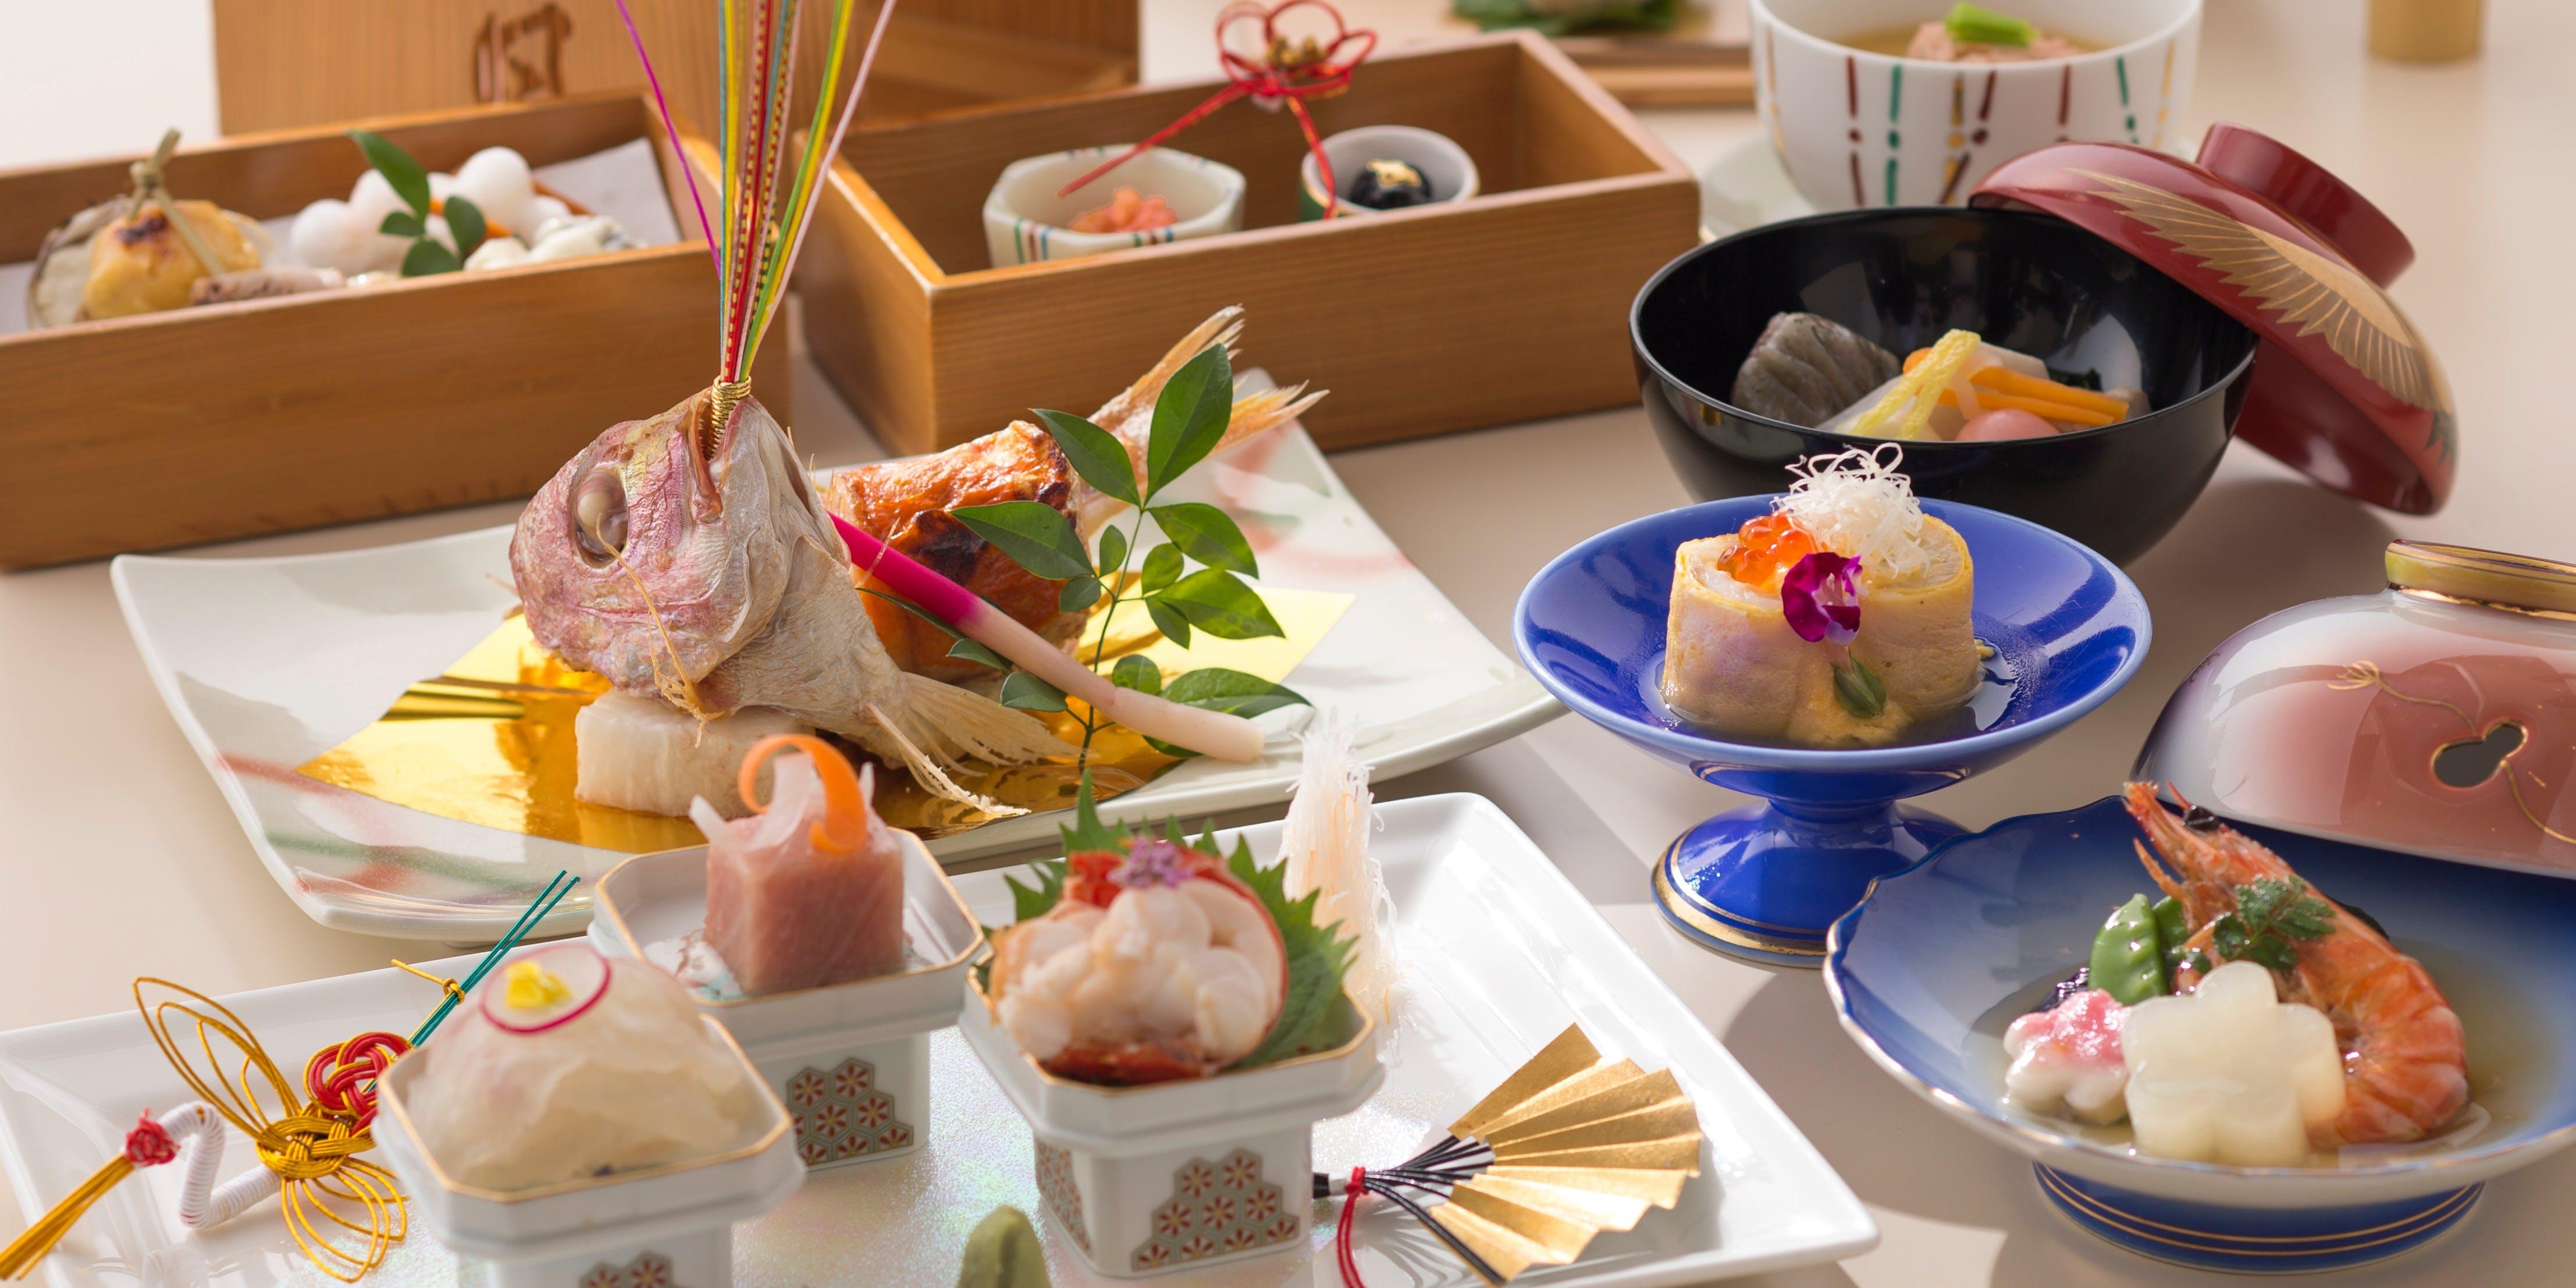 記念日におすすめのレストラン・日本料理 松風/西鉄グランドホテルの写真2